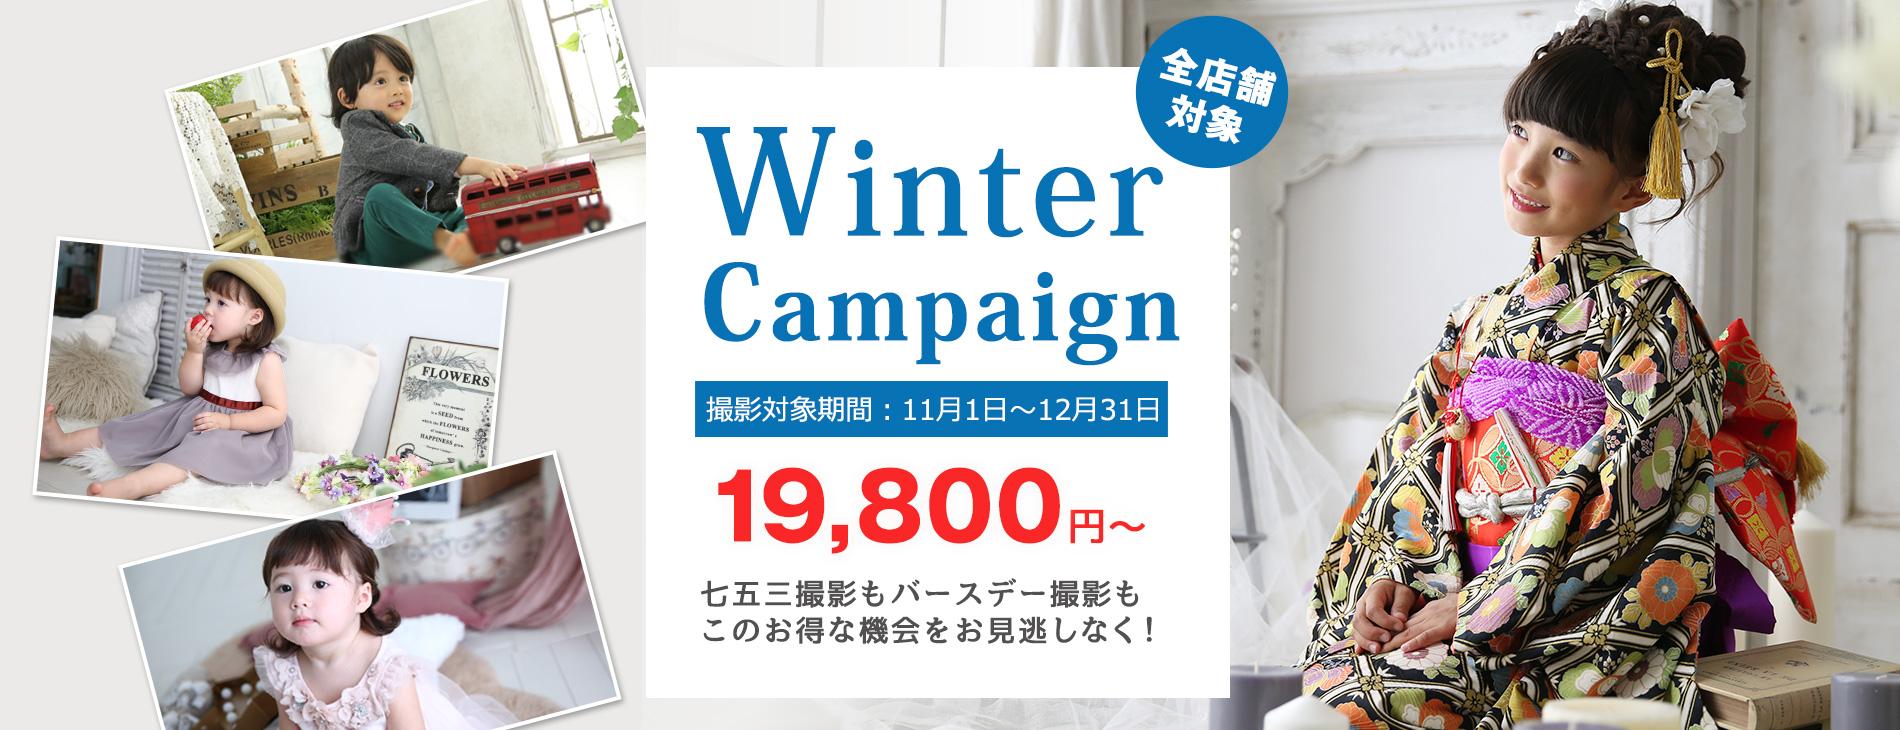 Winter Canpaign